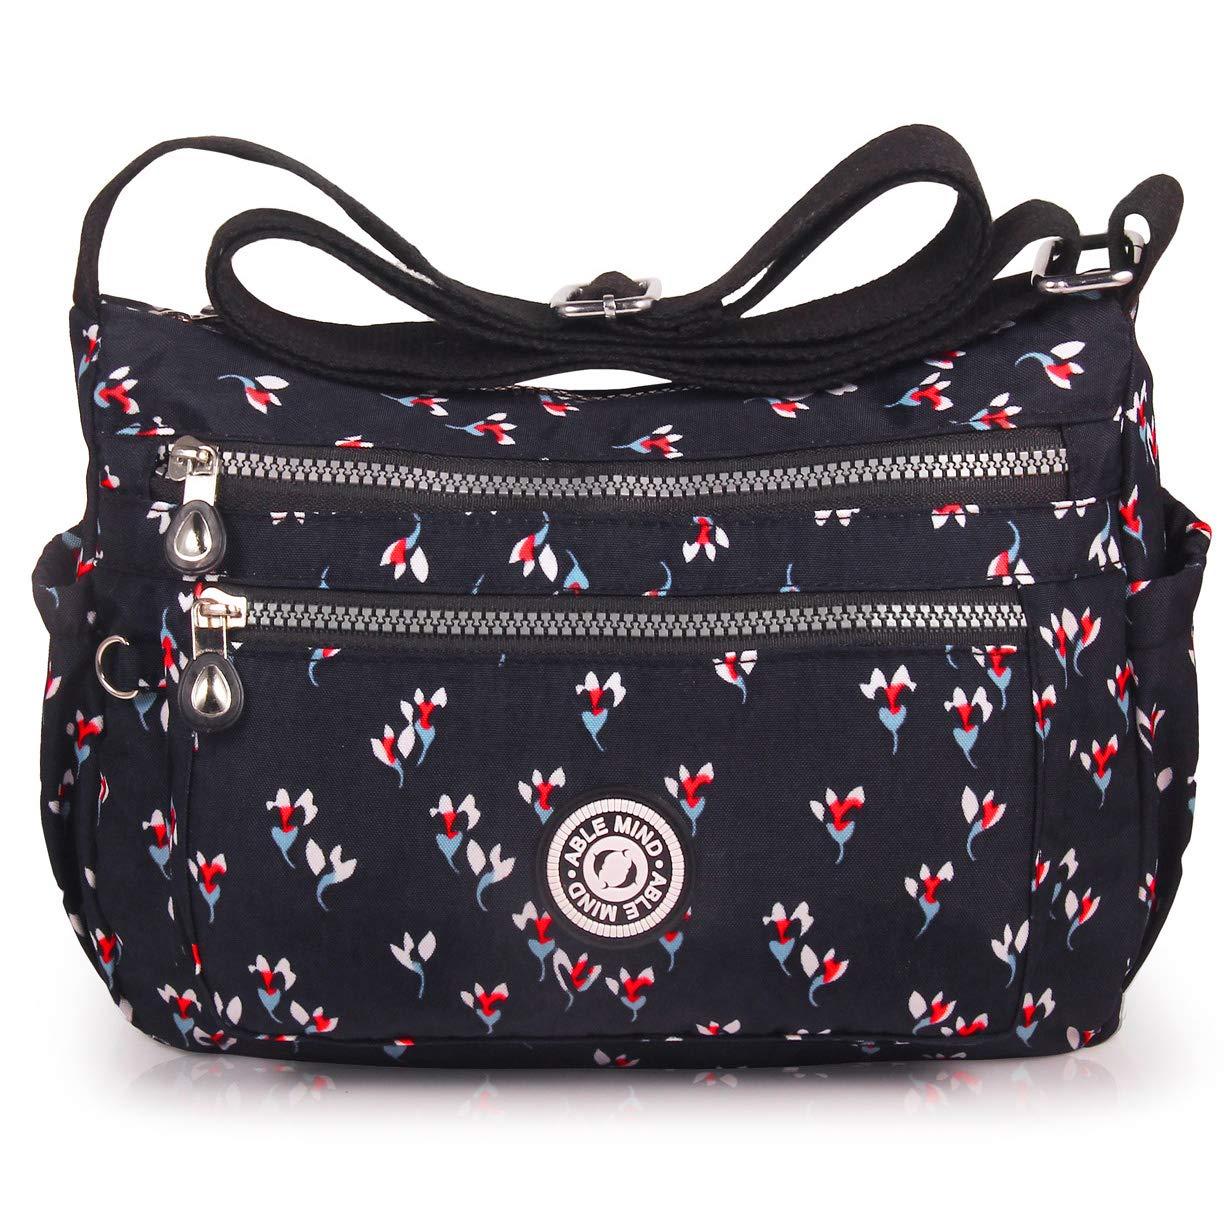 ABLE Anti Splash Water Shoulder Bag Casual Messenger Crossbody Bags